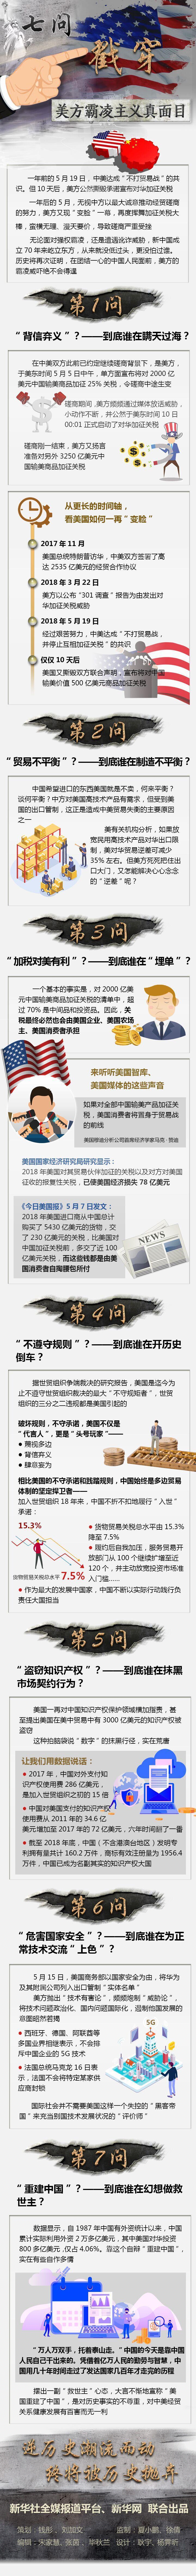 【图解】七问戳穿美方霸凌主义真面目